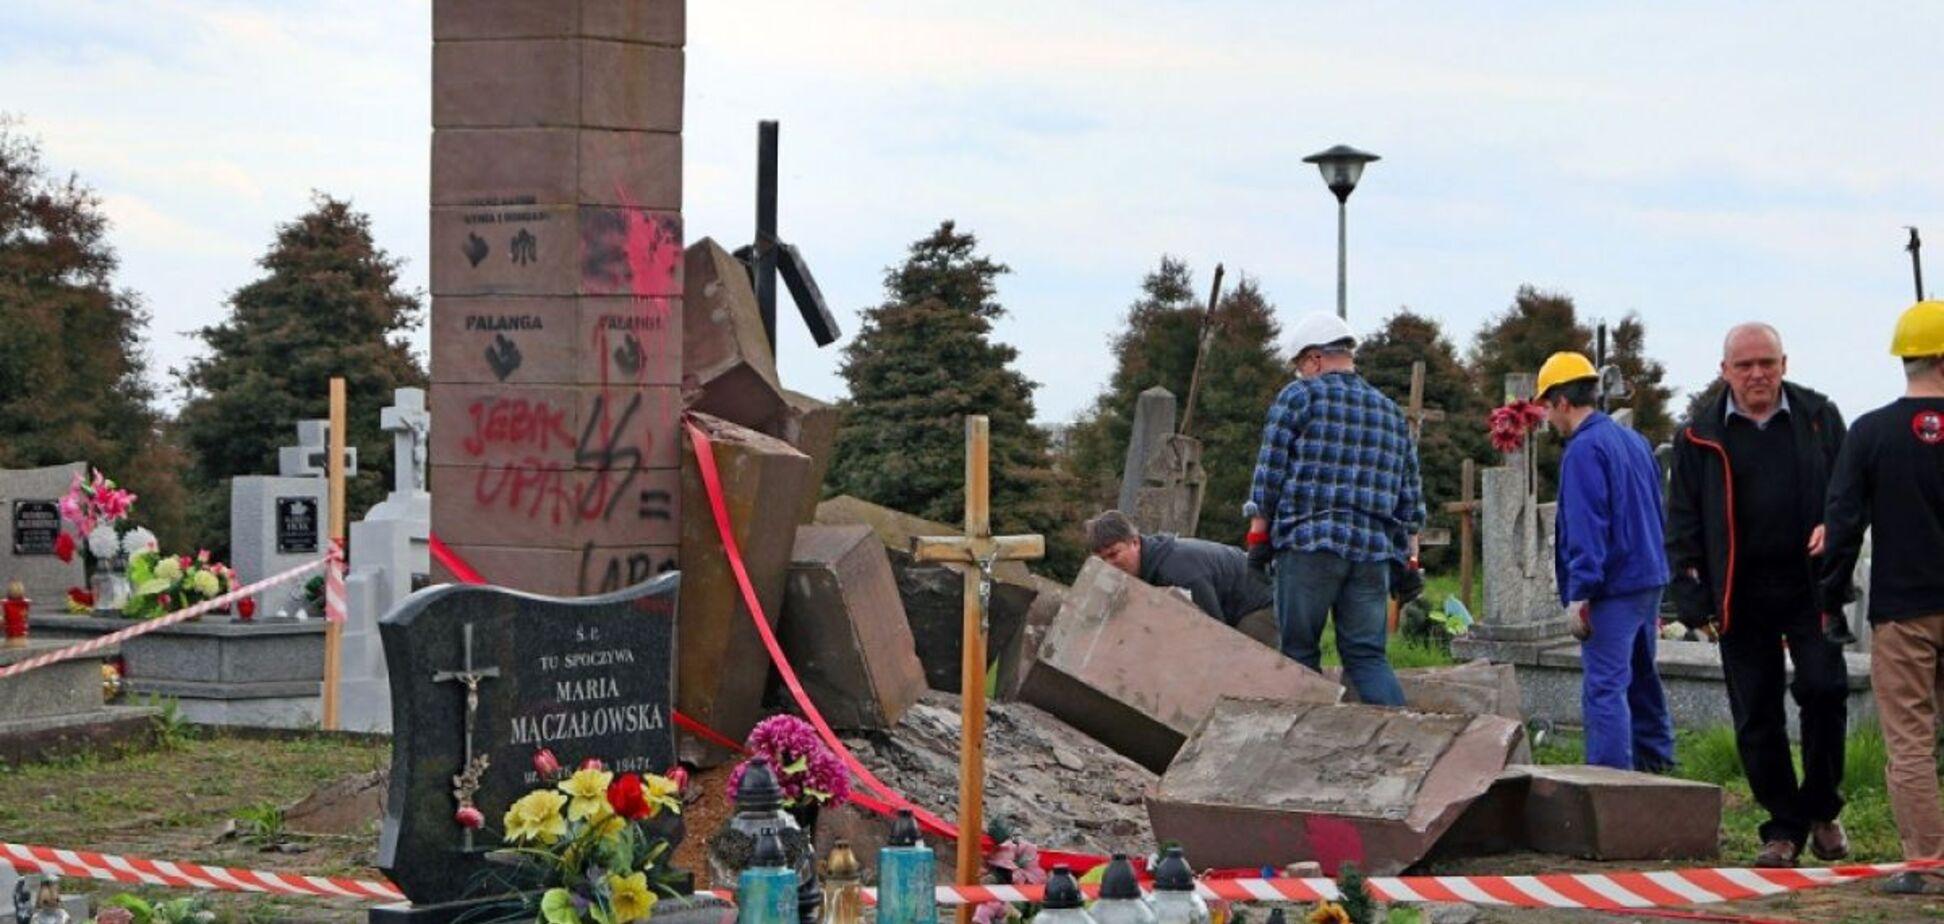 Скандал из-за УПА: историк обвинил Польшу в методах нацистов